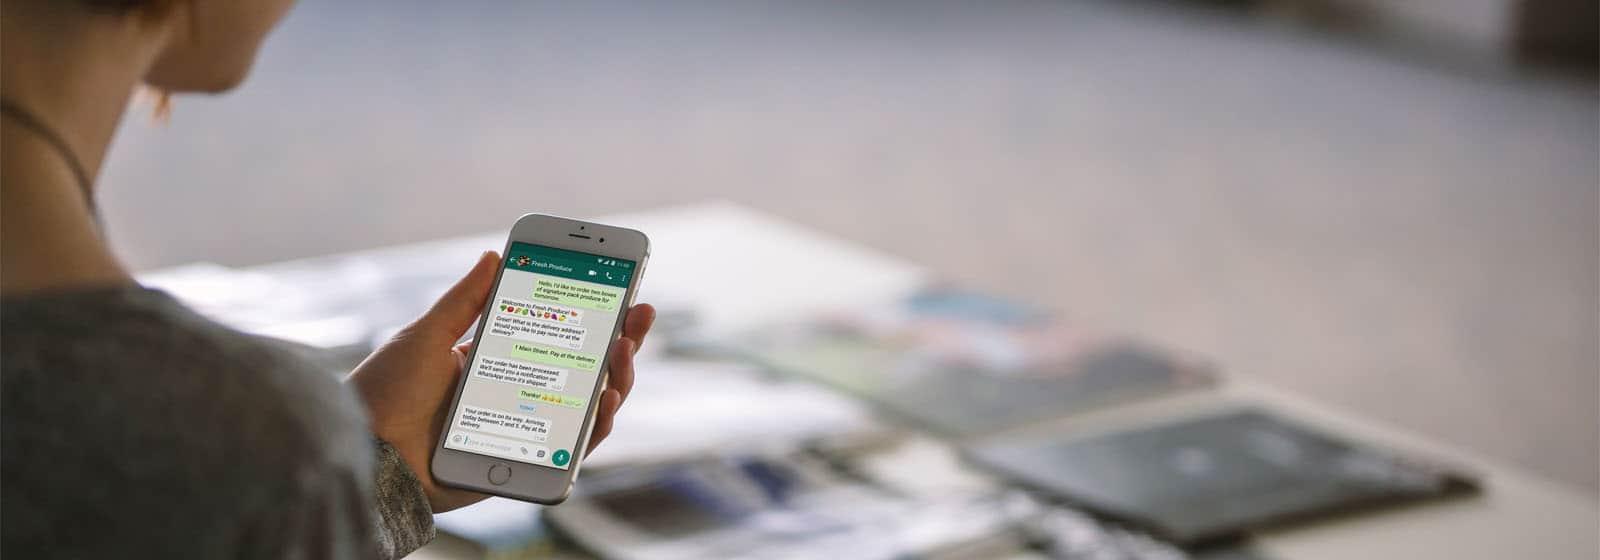 WhatsApp: esto es lo que ha cambiado con la llegada de la API